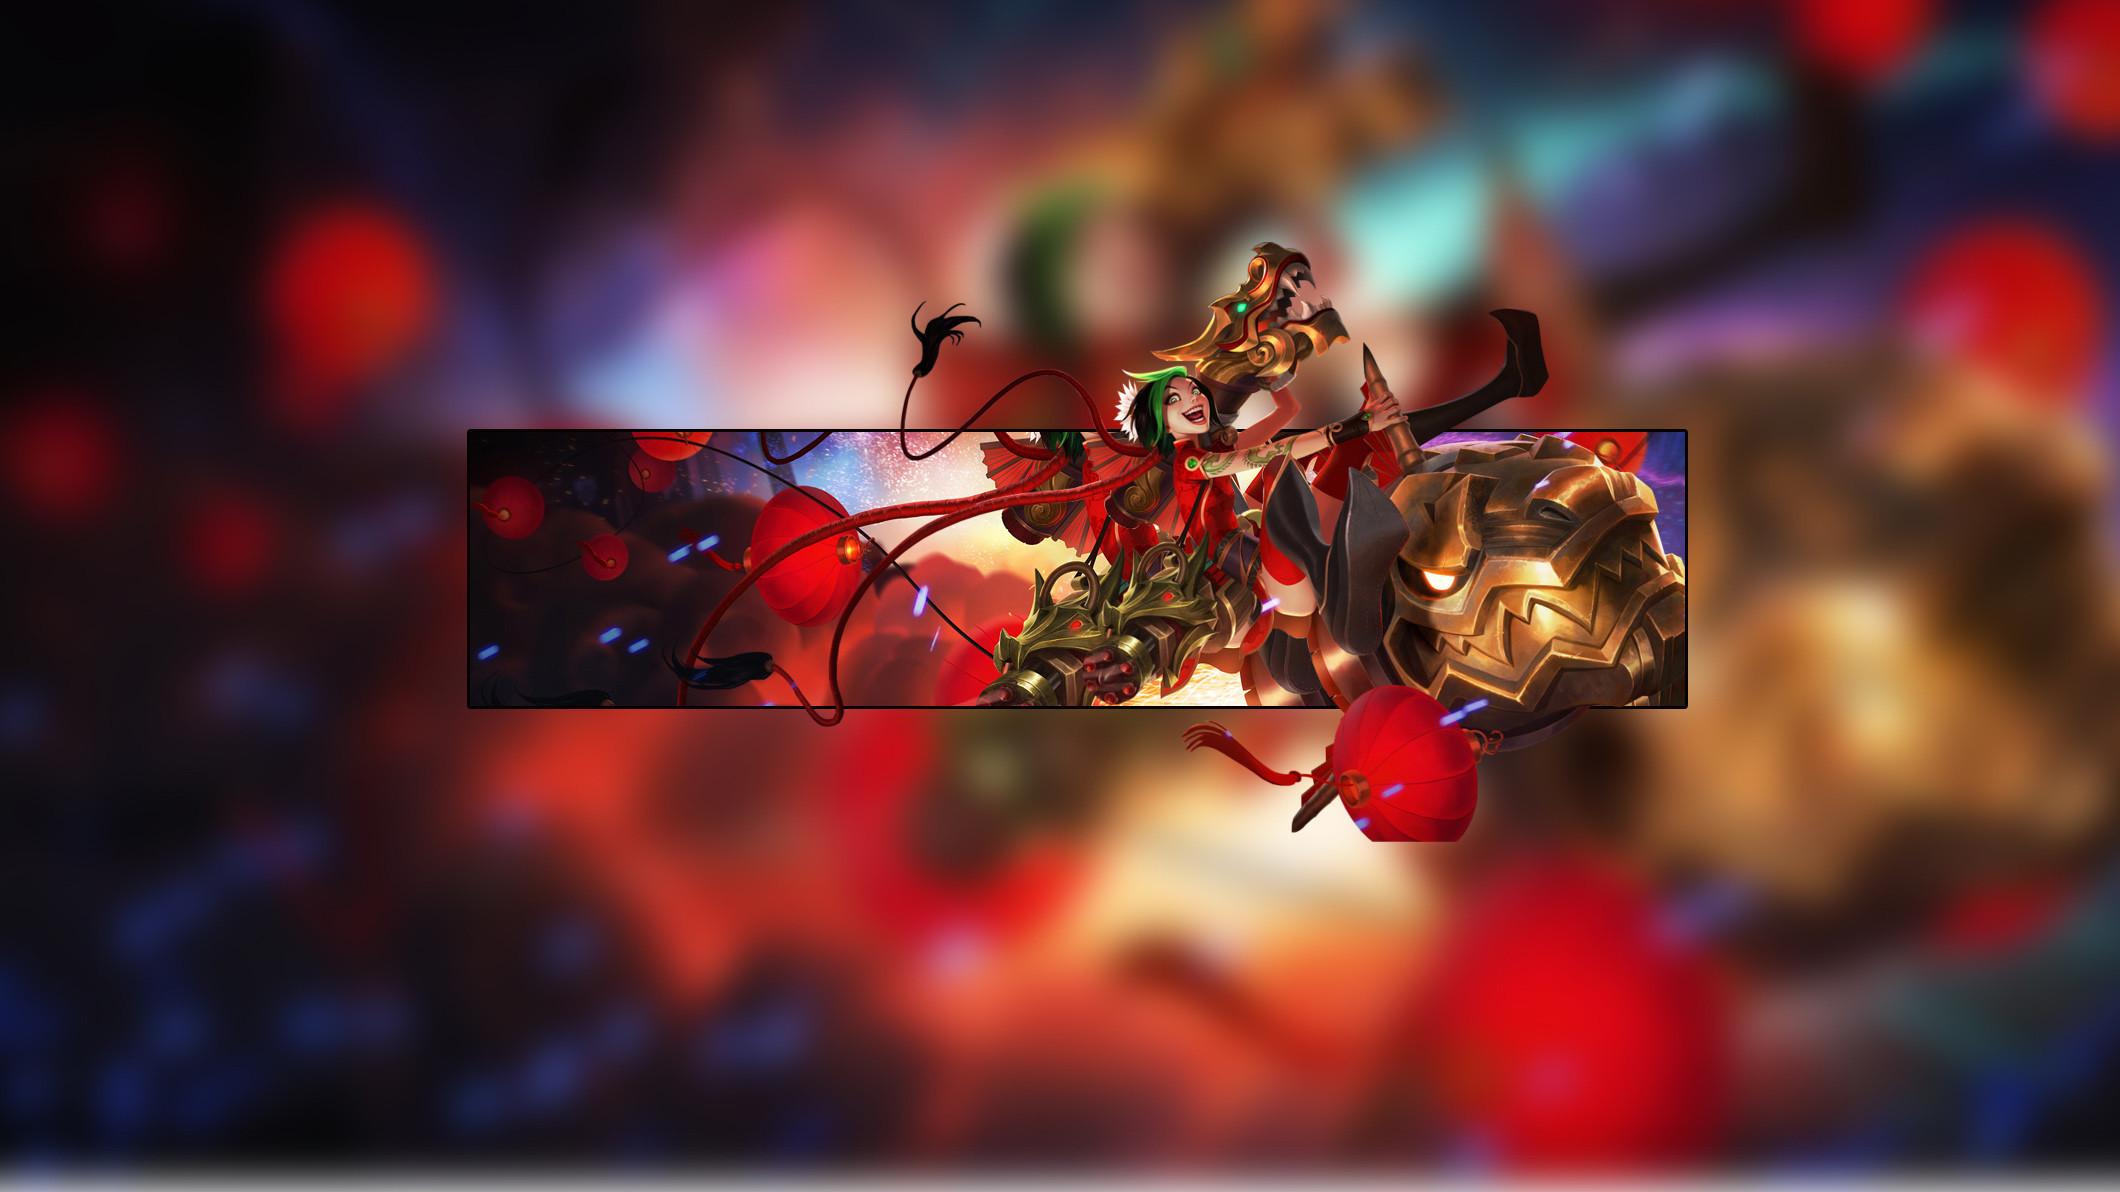 Firecracker Jinx by Insane HD Wallpaper Fan Art Artwork League of Legends  lol